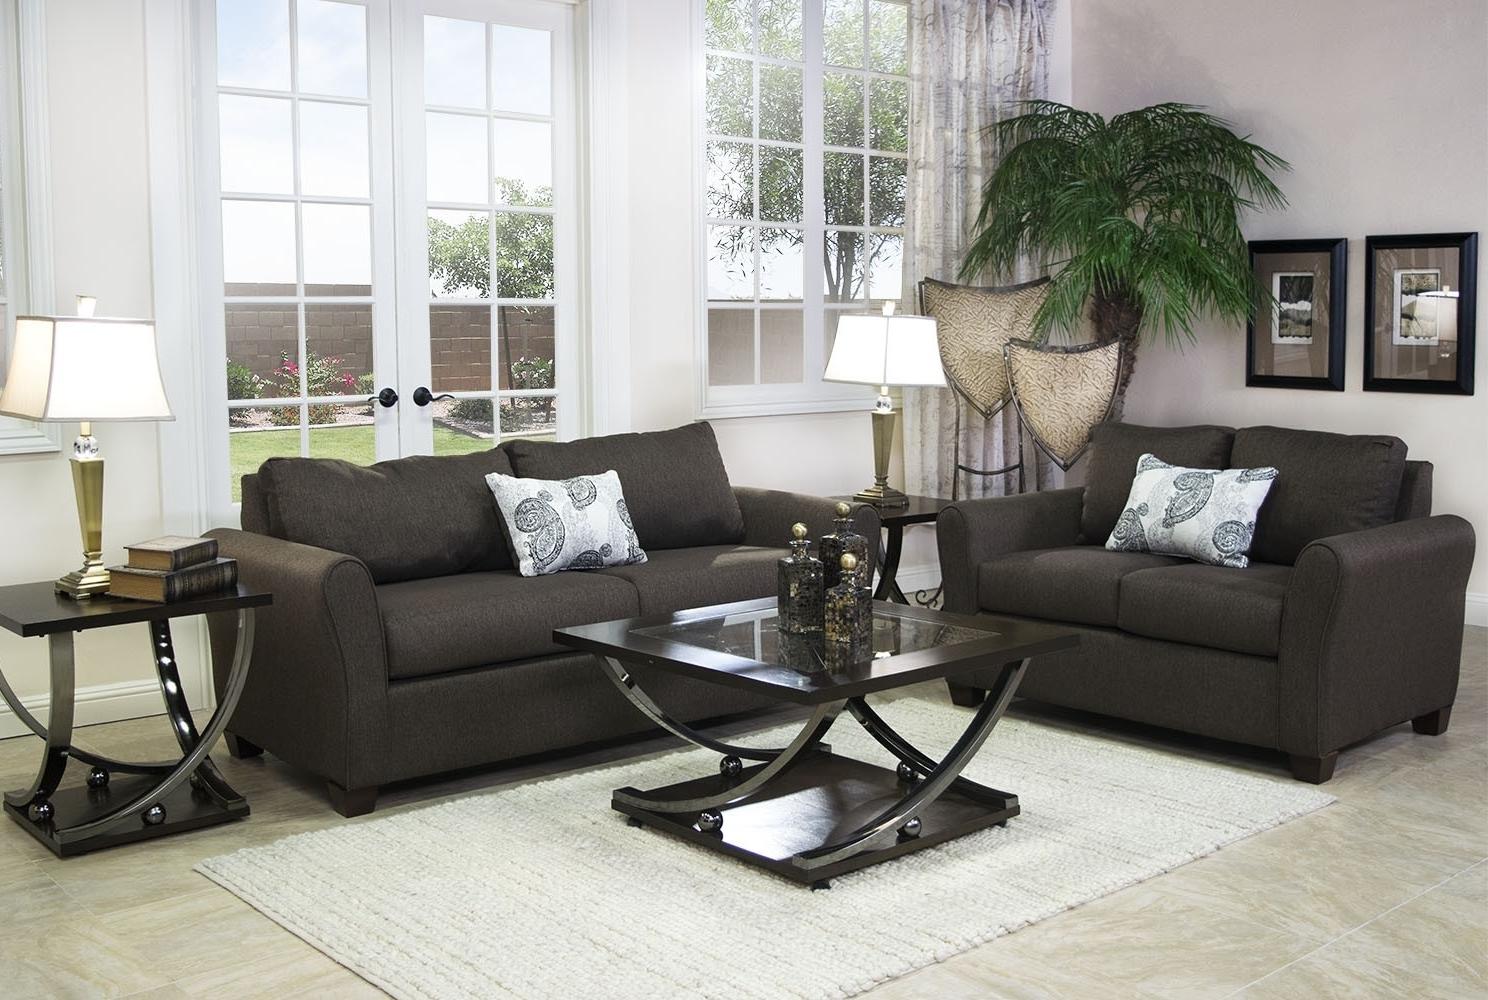 Mor furniture living room sets 03 roy home design for Mor furniture